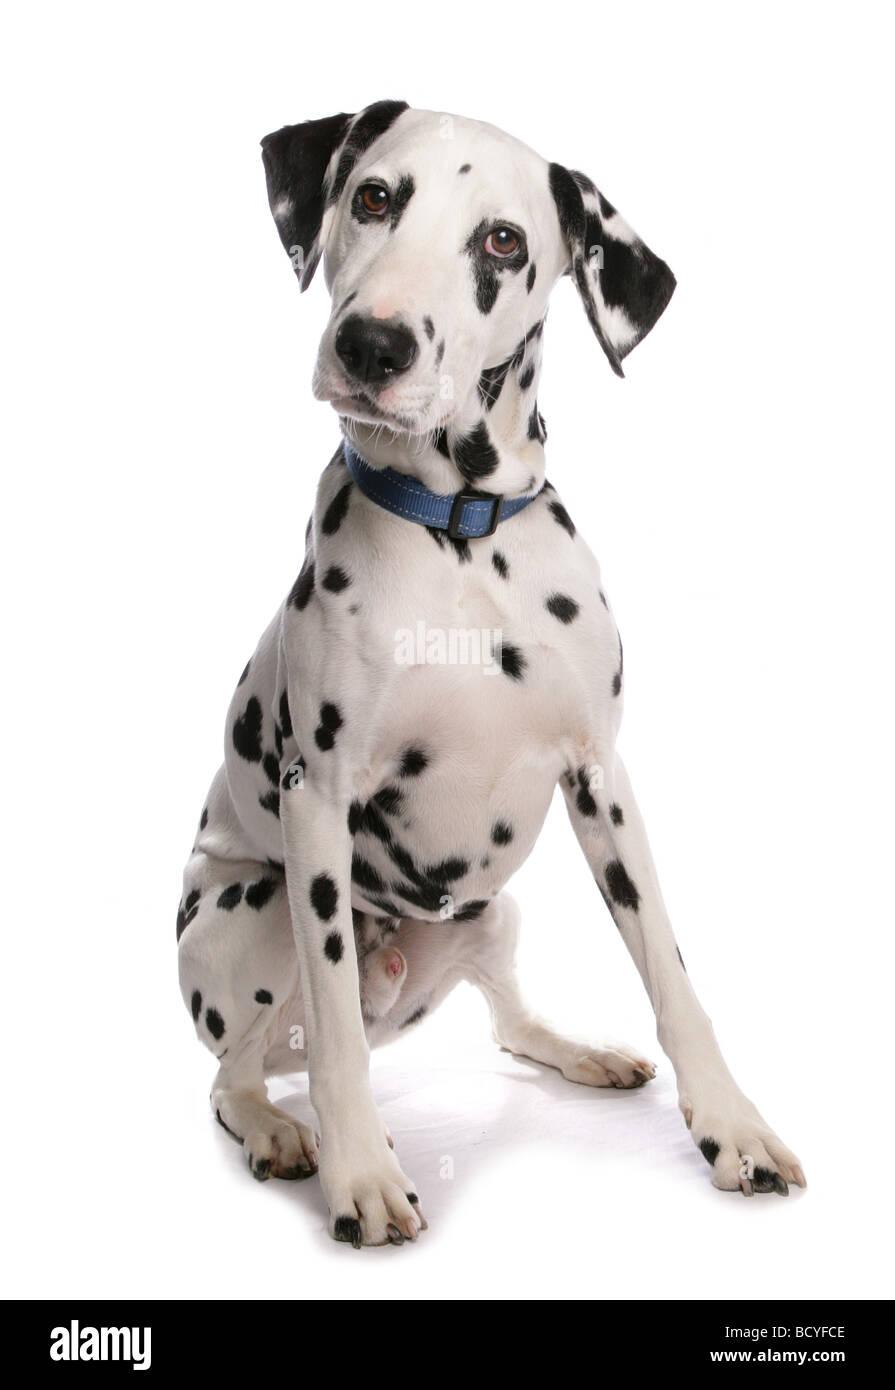 Perro dálmata - sentado - Cortar Imagen De Stock